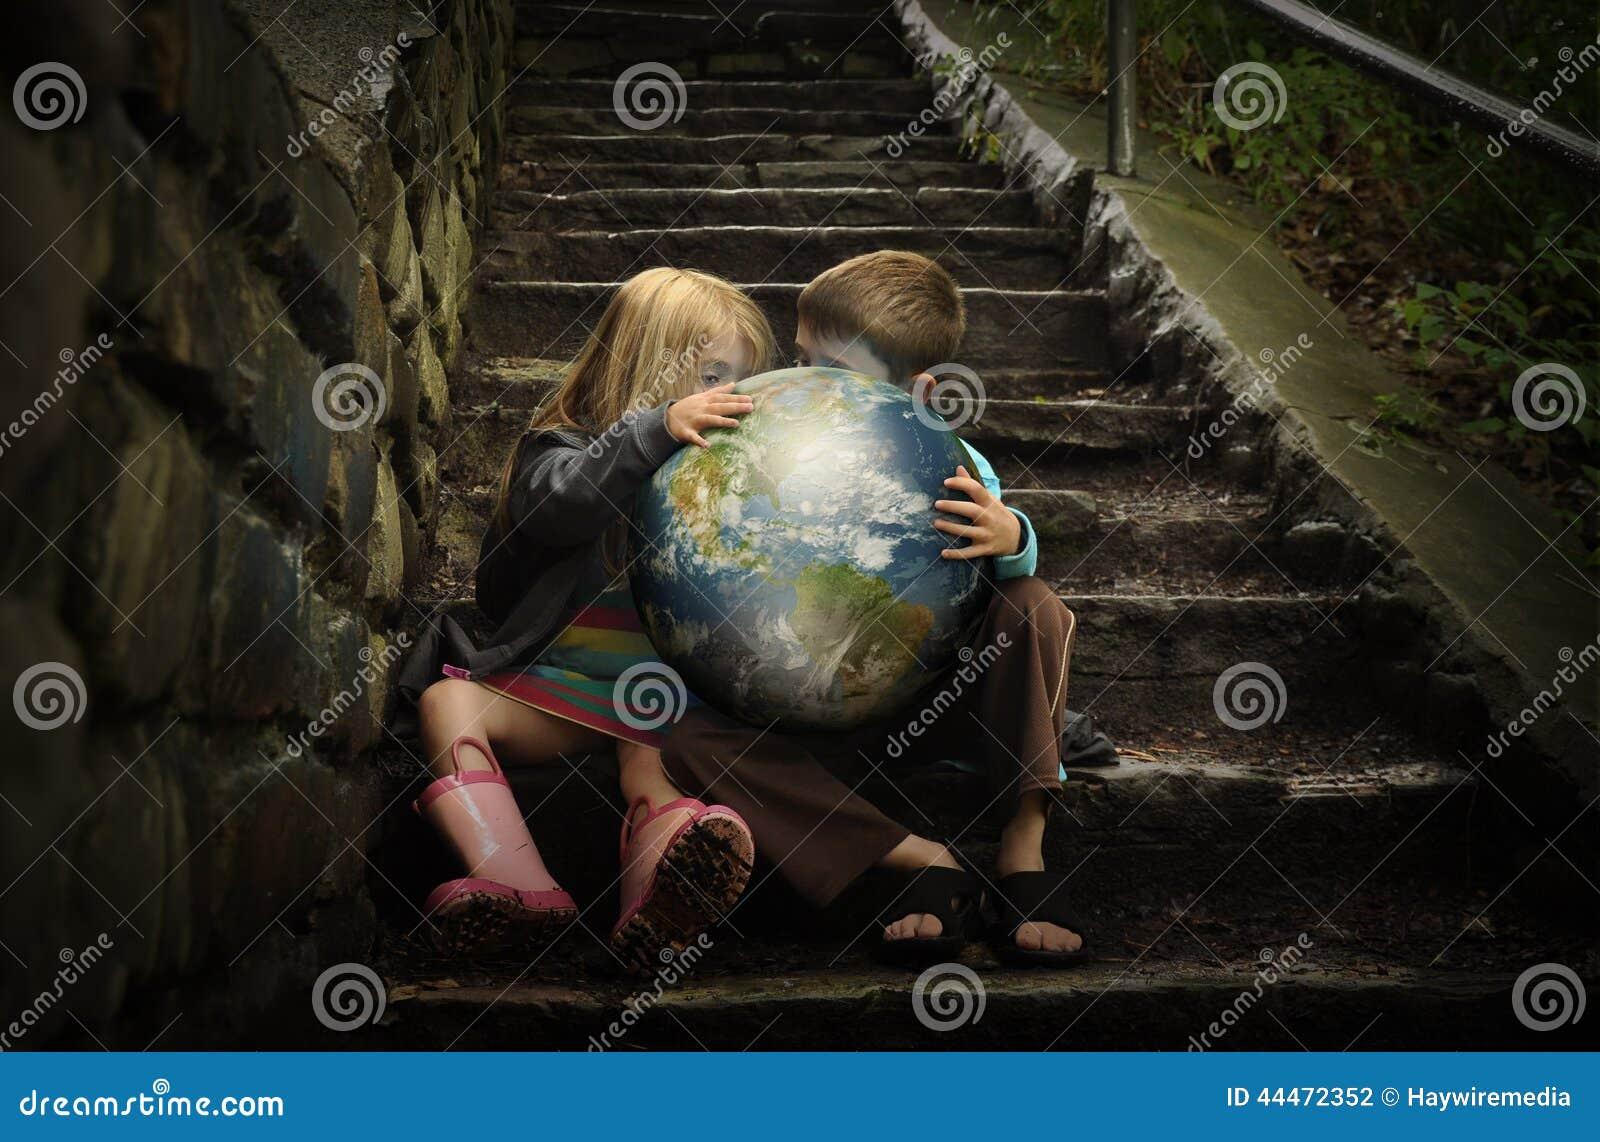 Children Holding Earth Planetin Secret